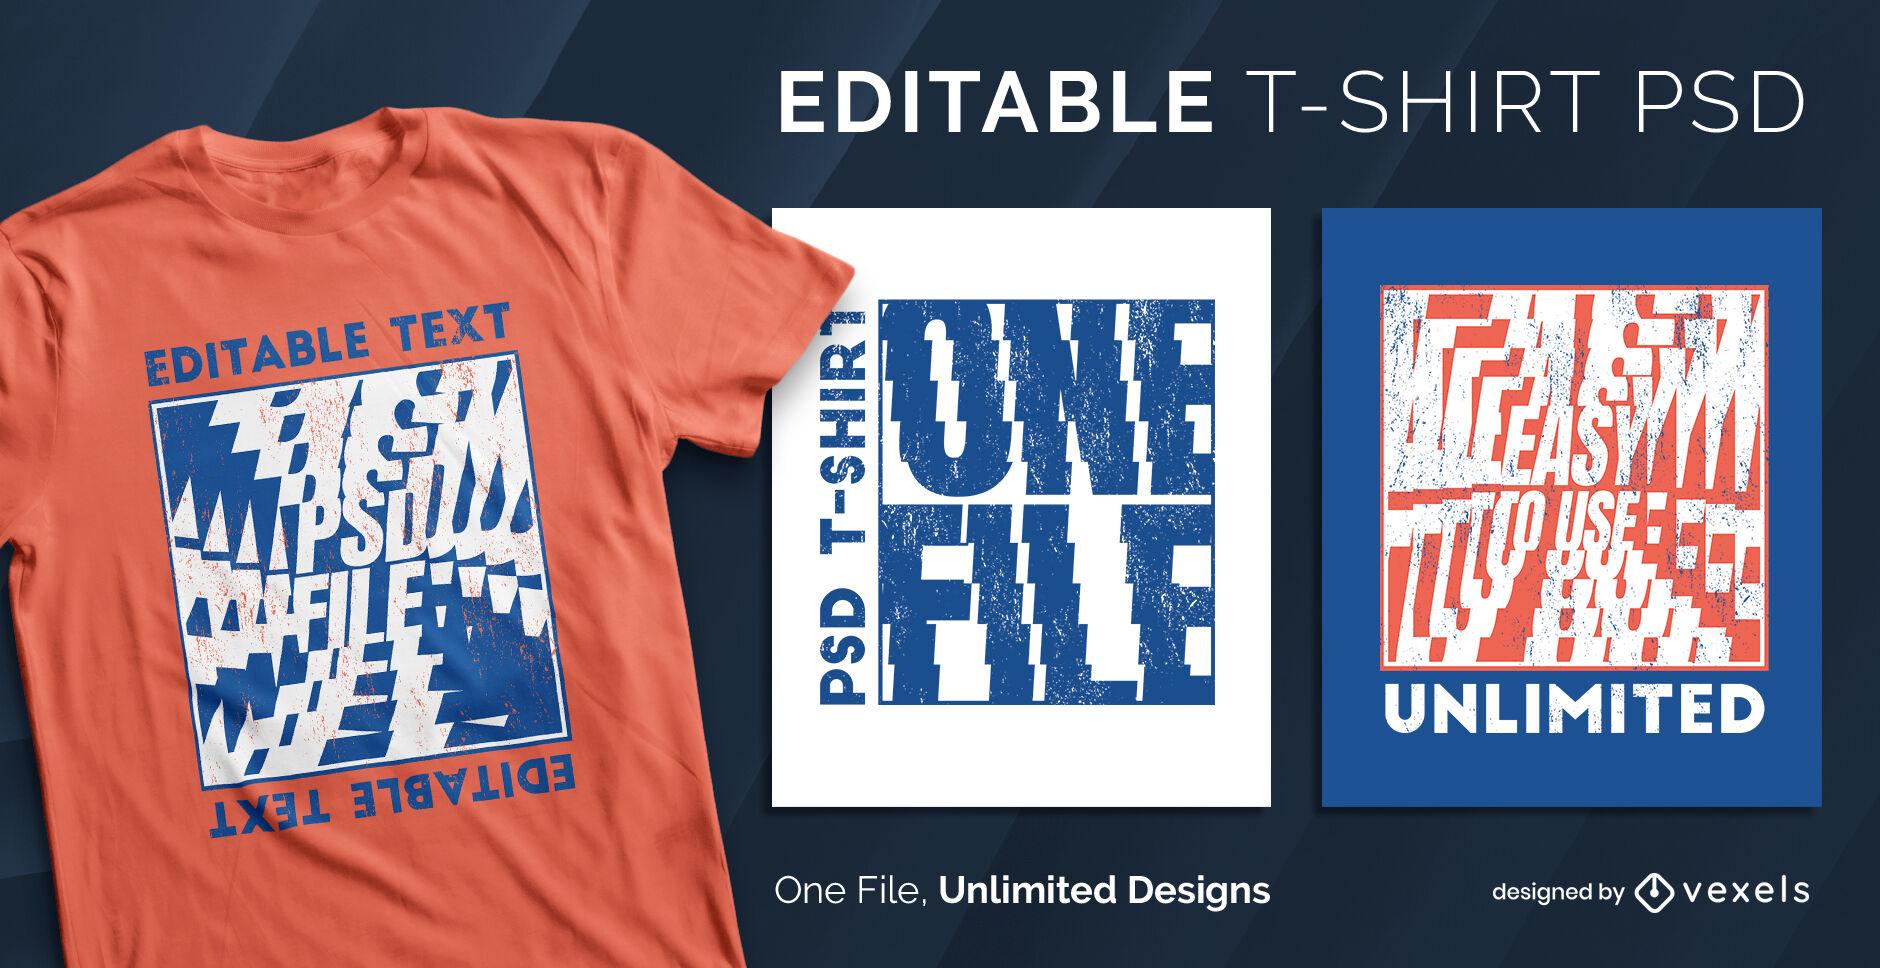 Skalierbare PSD-T-Shirt-Vorlage mit Textspiraleffekt